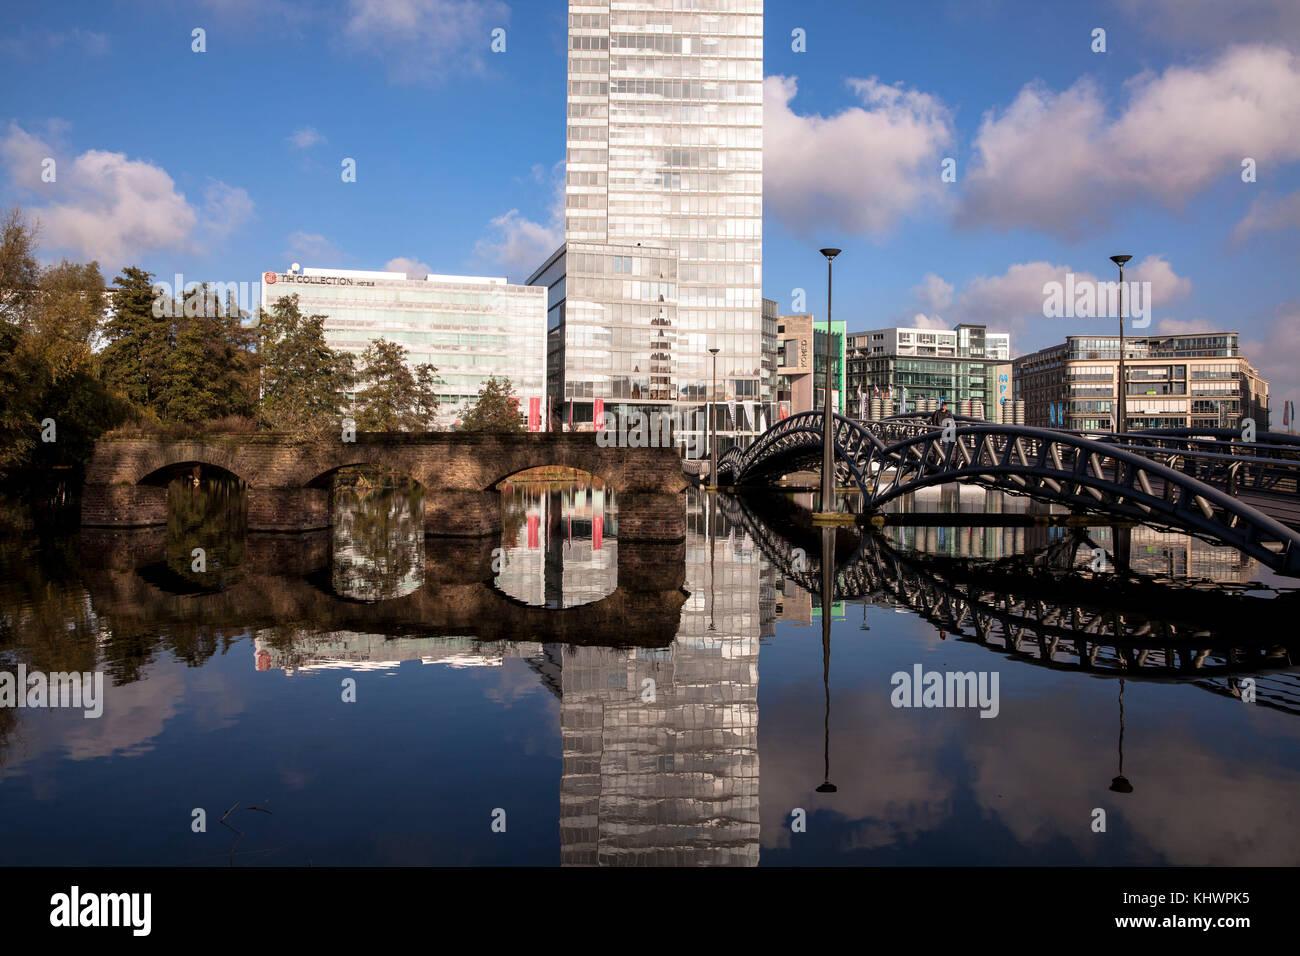 Deutschland, Köln, alte Viadukt, Brücke und die Köln Turm im Mediapark. Deutschland, Koeln, altes Stockbild